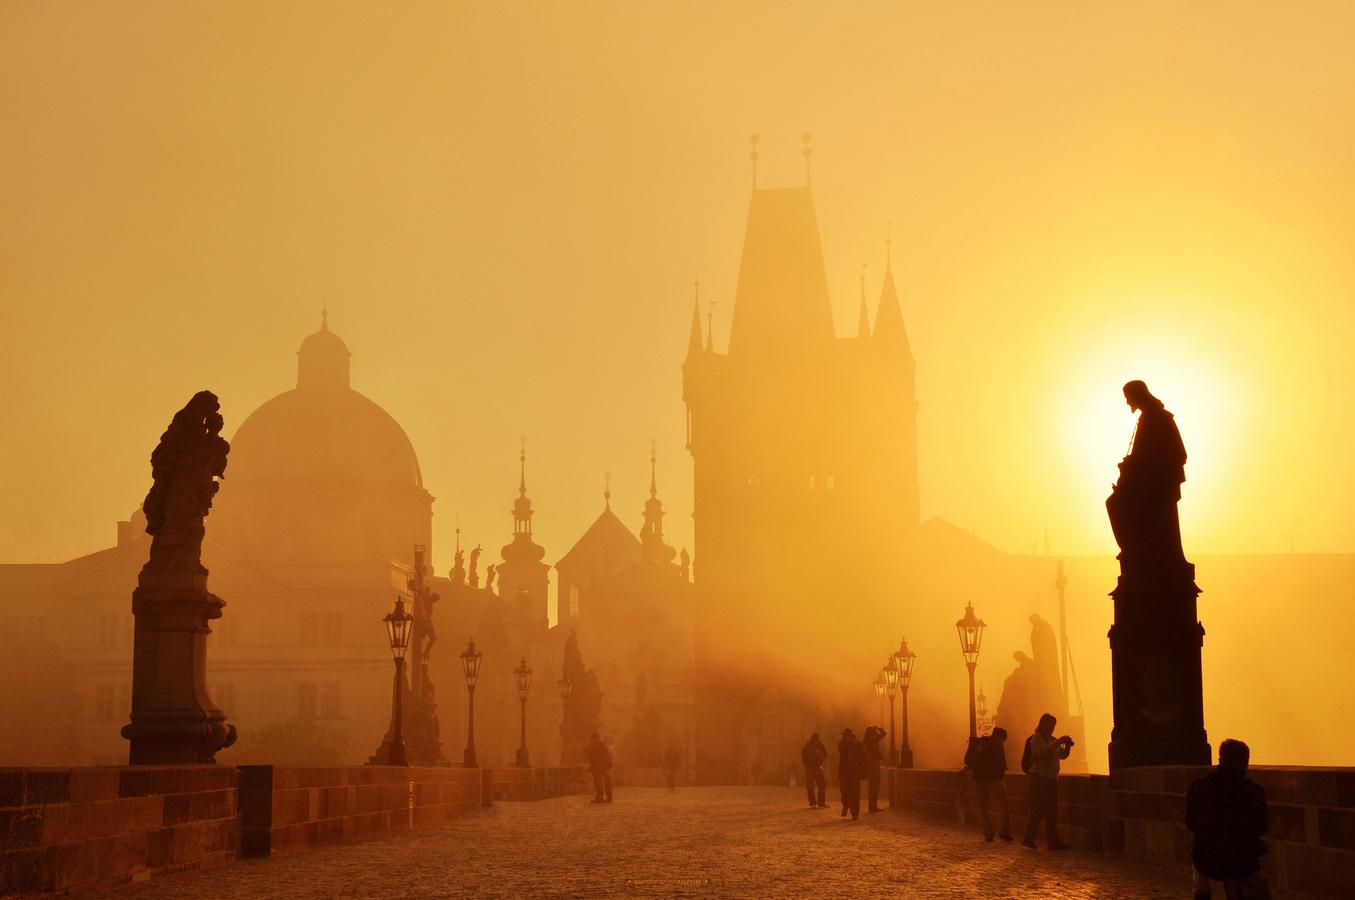 Mlha v paprscích slunce